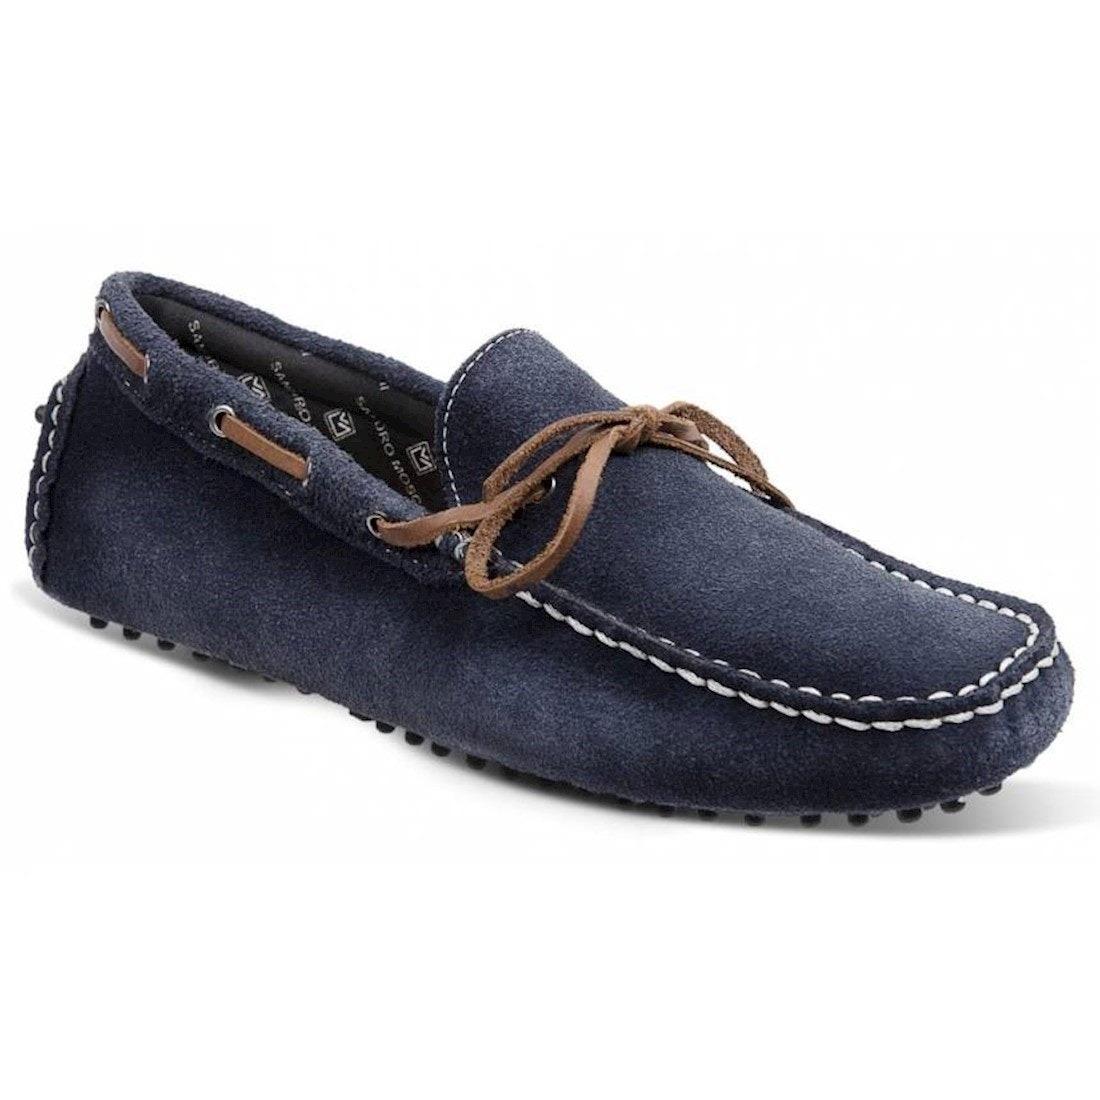 ebccddd8ed sapato masculino driver sandro moscoloni akron azul marinho. Carregando zoom .